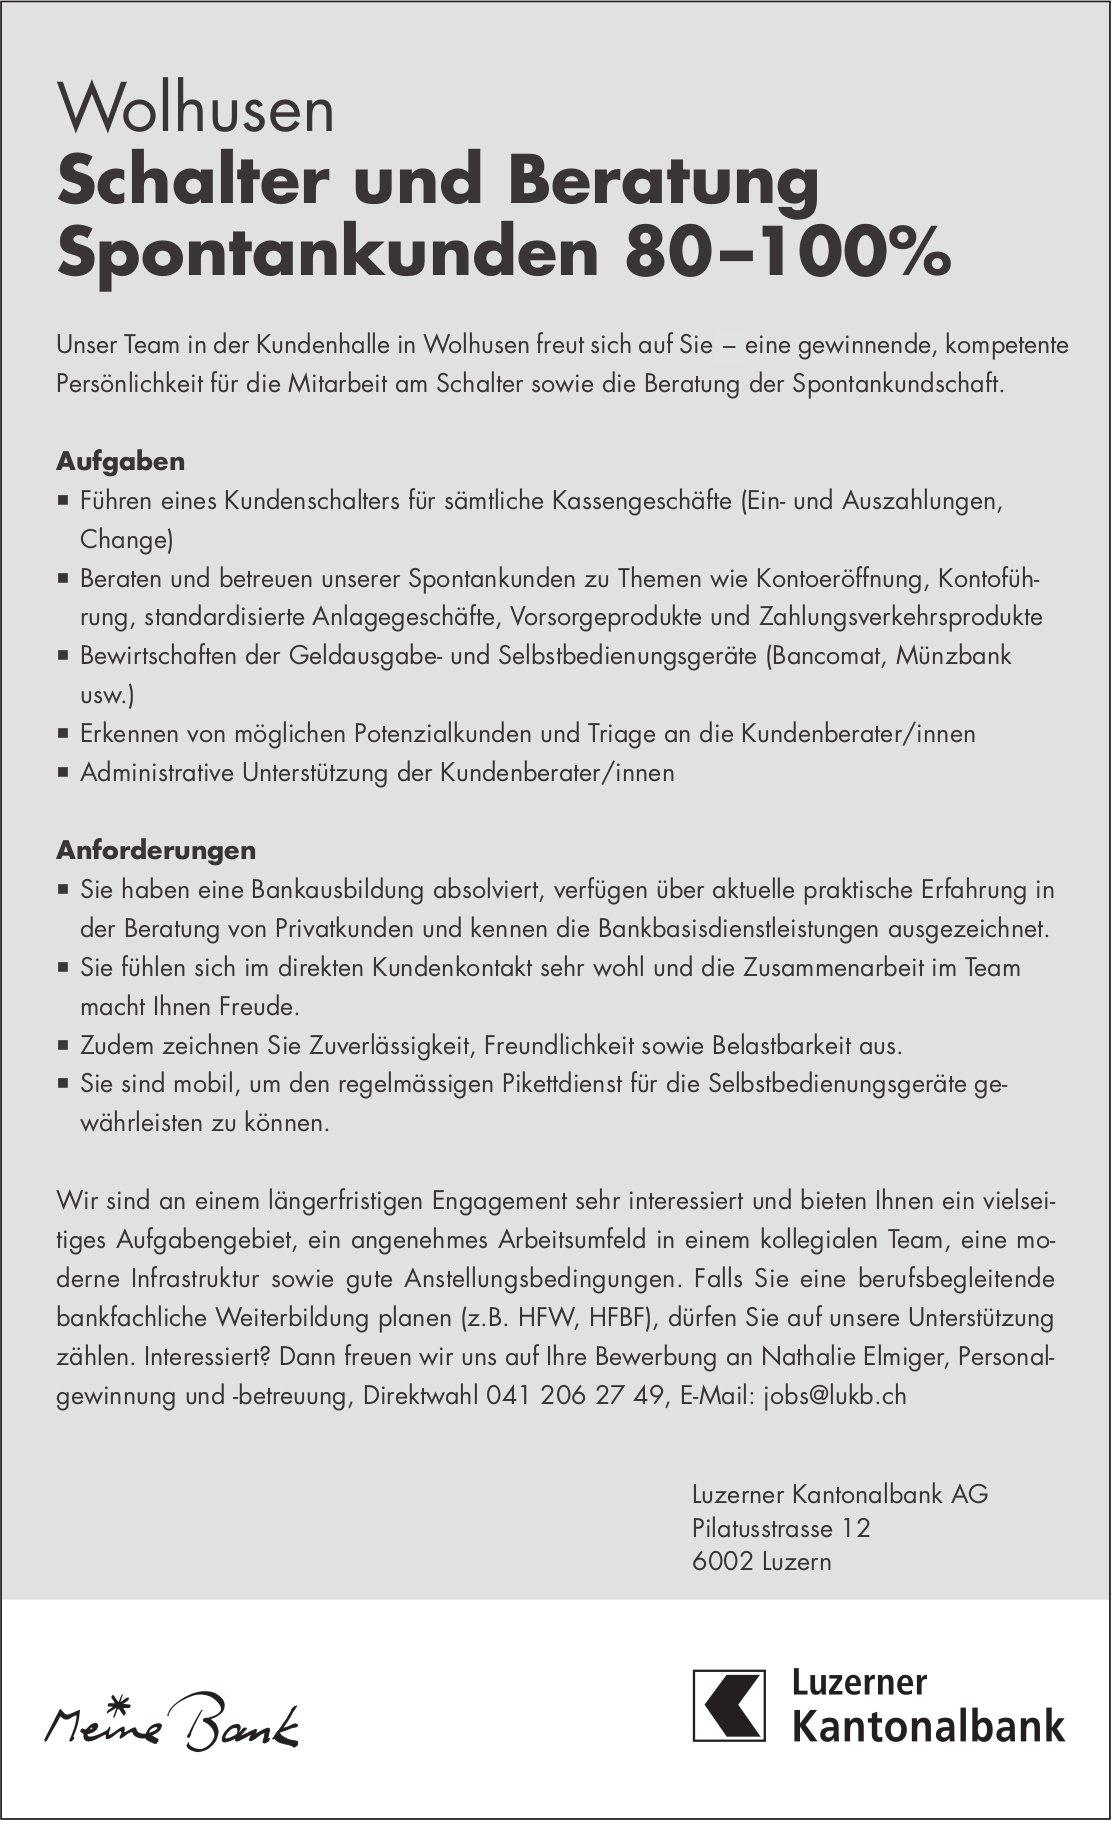 Schalter und Beratung Spontankunden 80–100%, Luzerner Kantonalbank, Wolhusen, gesucht